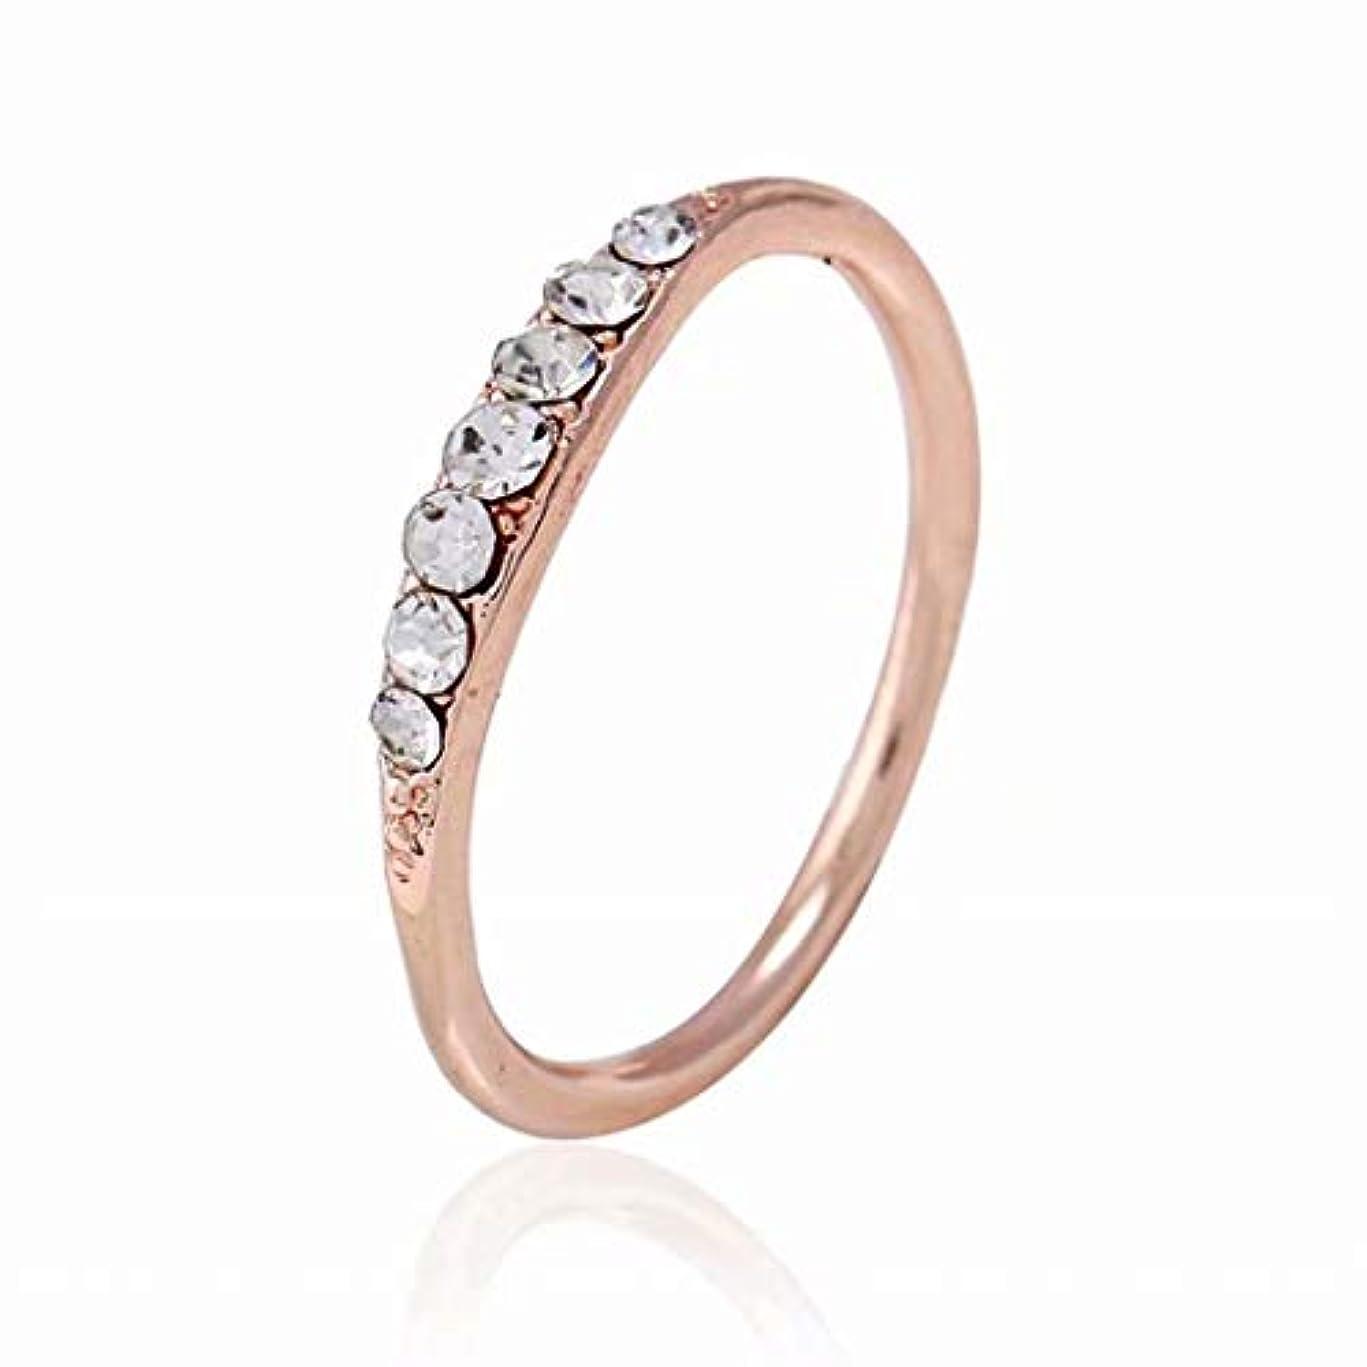 とんでもないクアッガオート七里の香 ダイアモンドの指輪 クリスタルエンゲージリング 結婚指輪